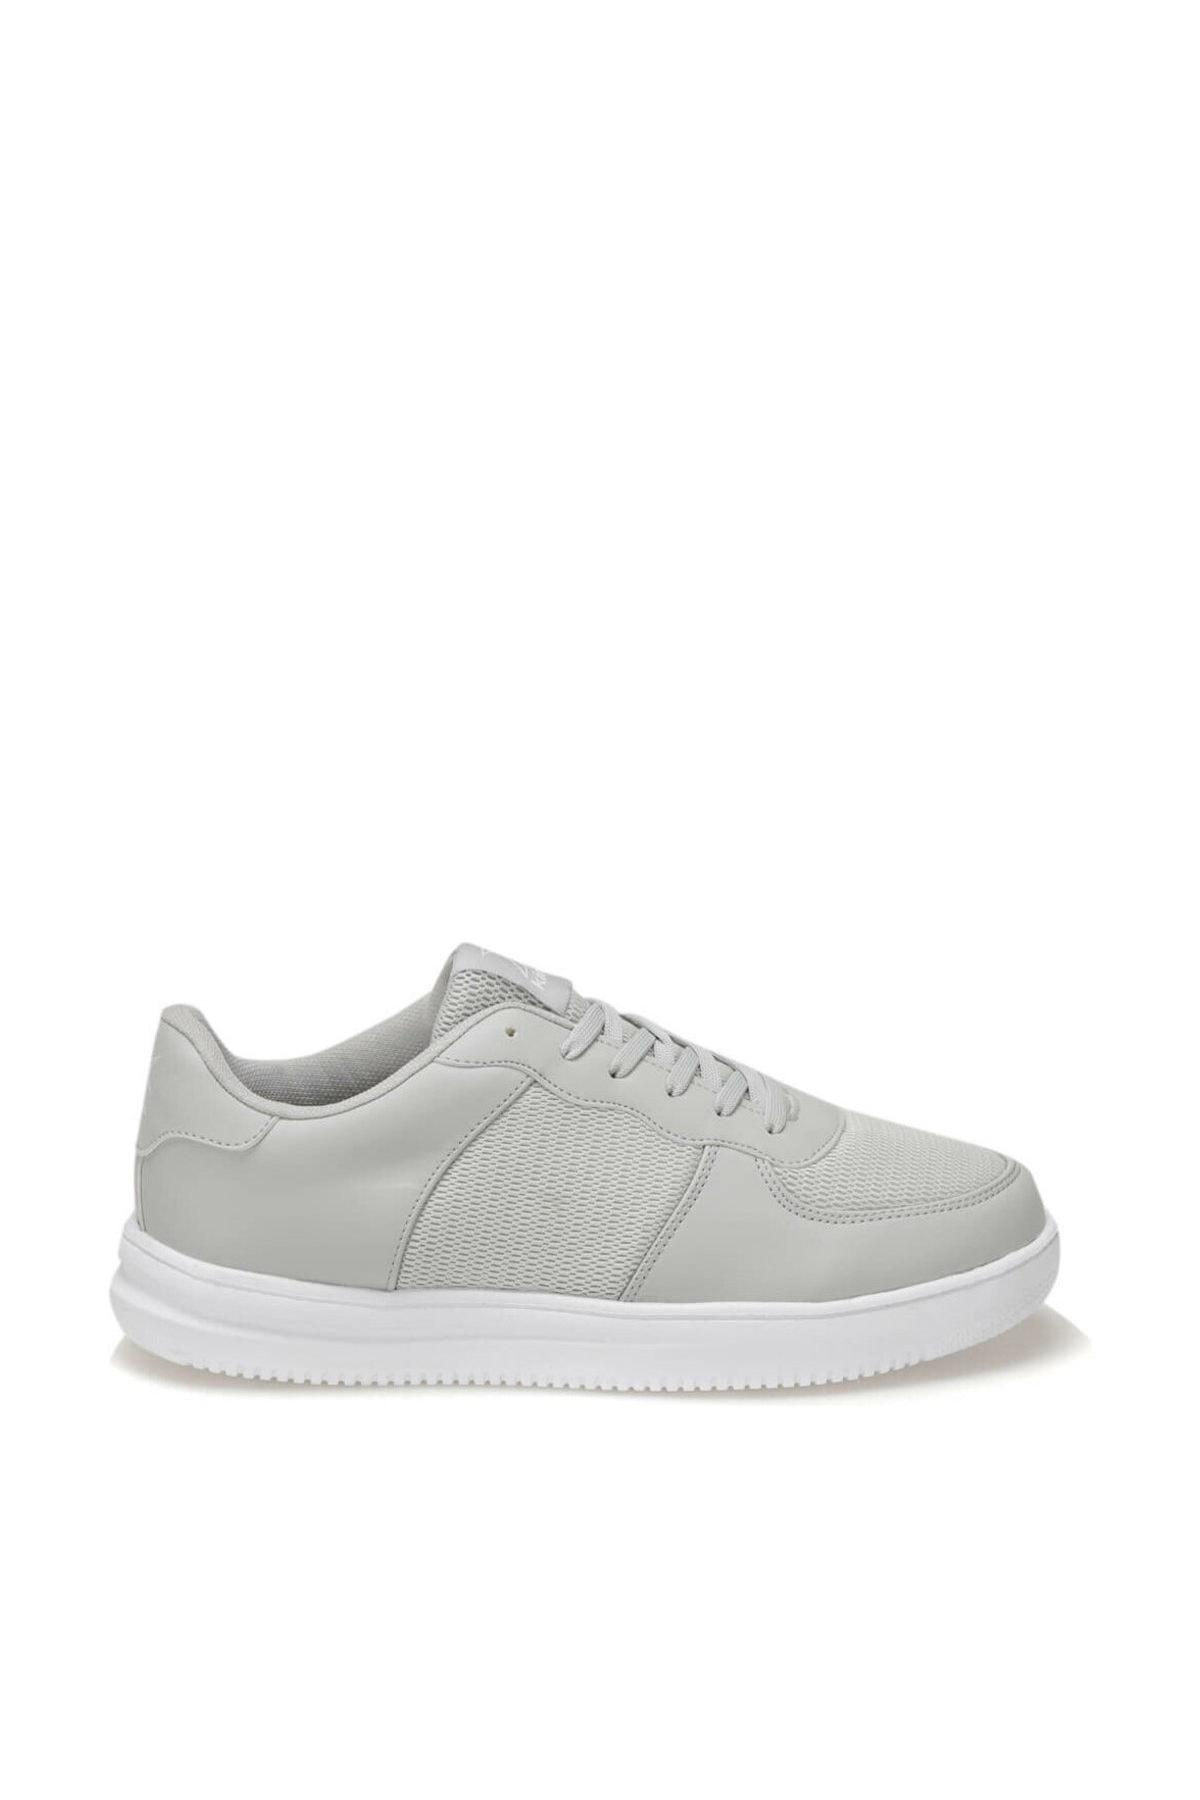 Kinetix TYSON MESH M Açık Gri Erkek Sneaker Ayakkabı 100371946 2